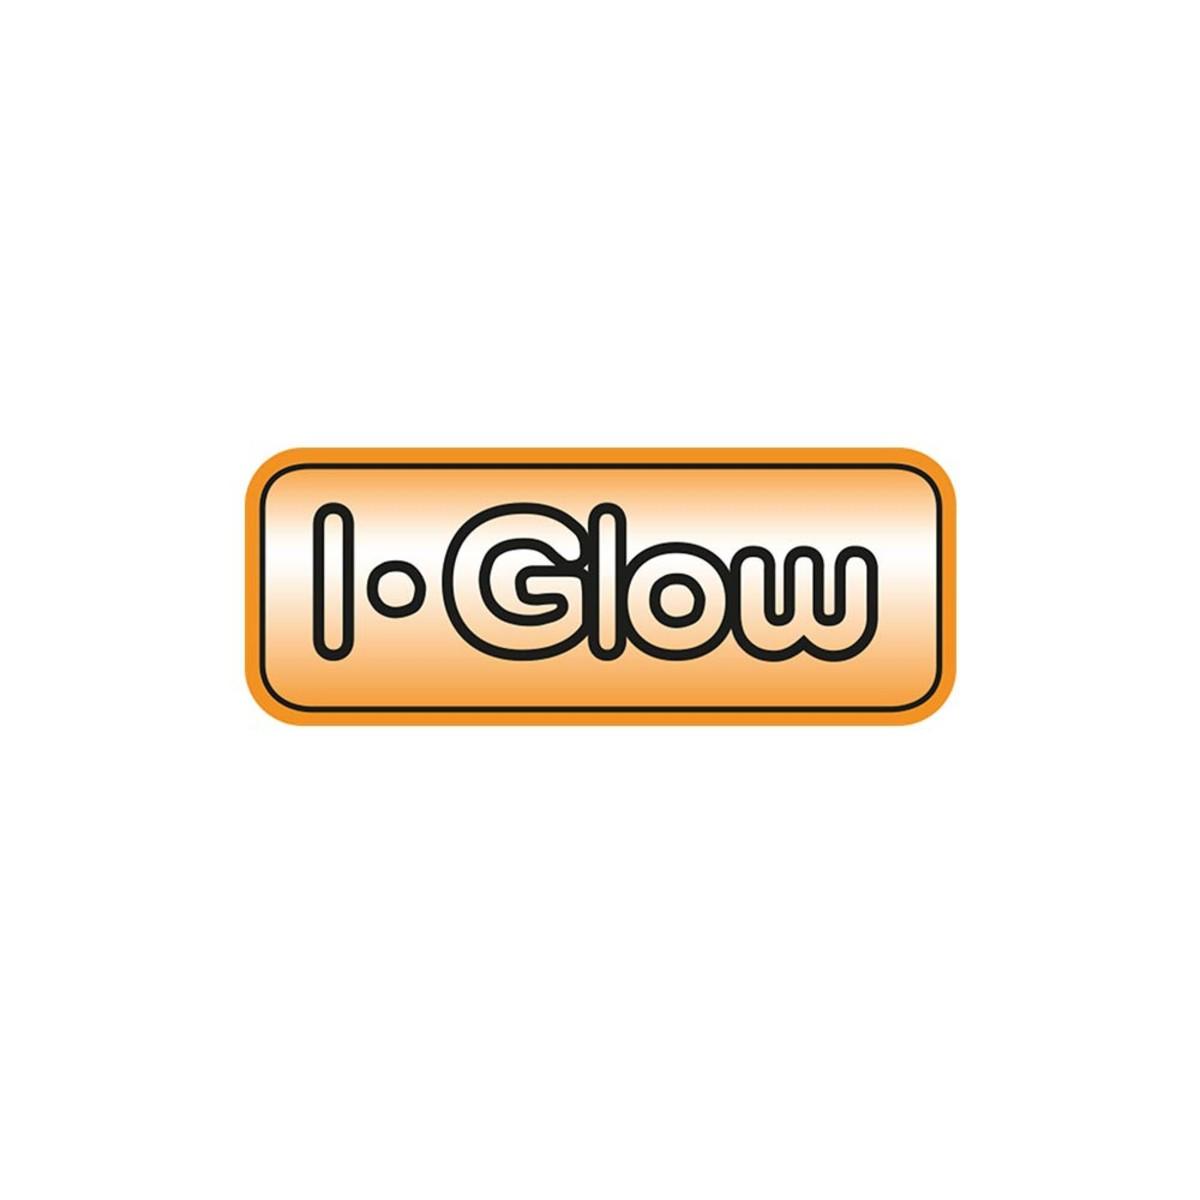 Bild 2 von I-Glow LED Solar Partybirnen 4er-Set - Grün